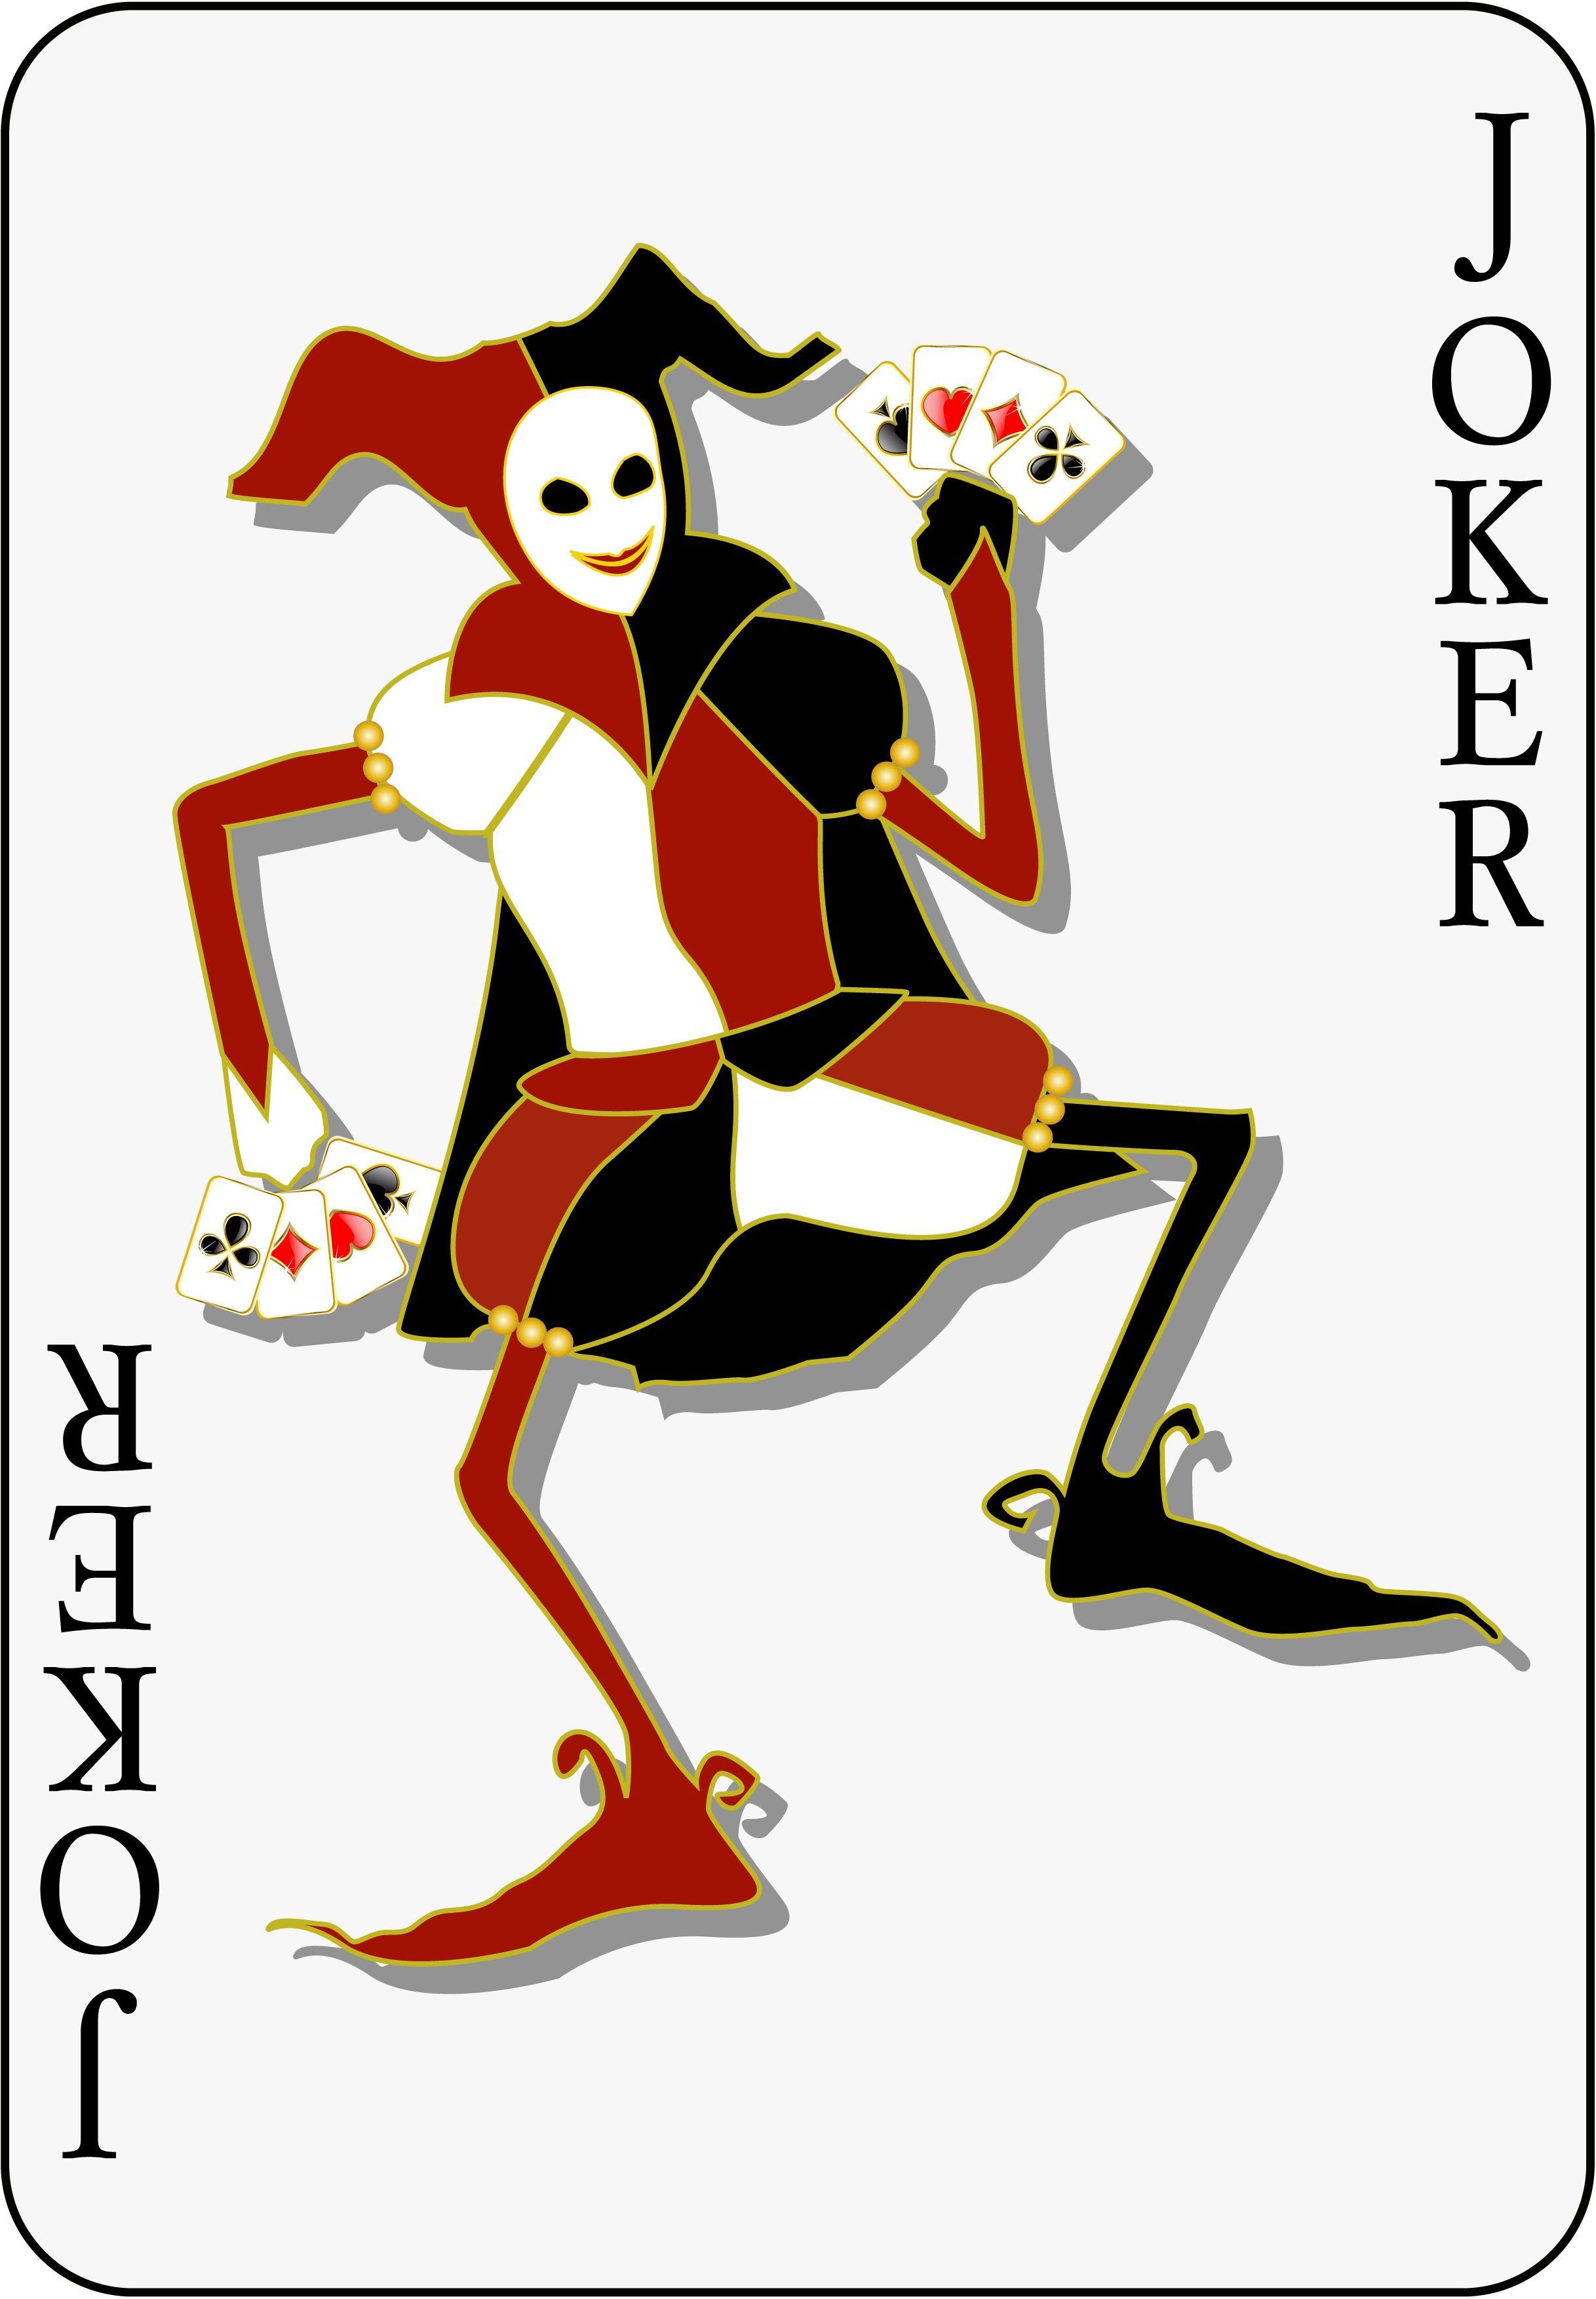 joker playing card image